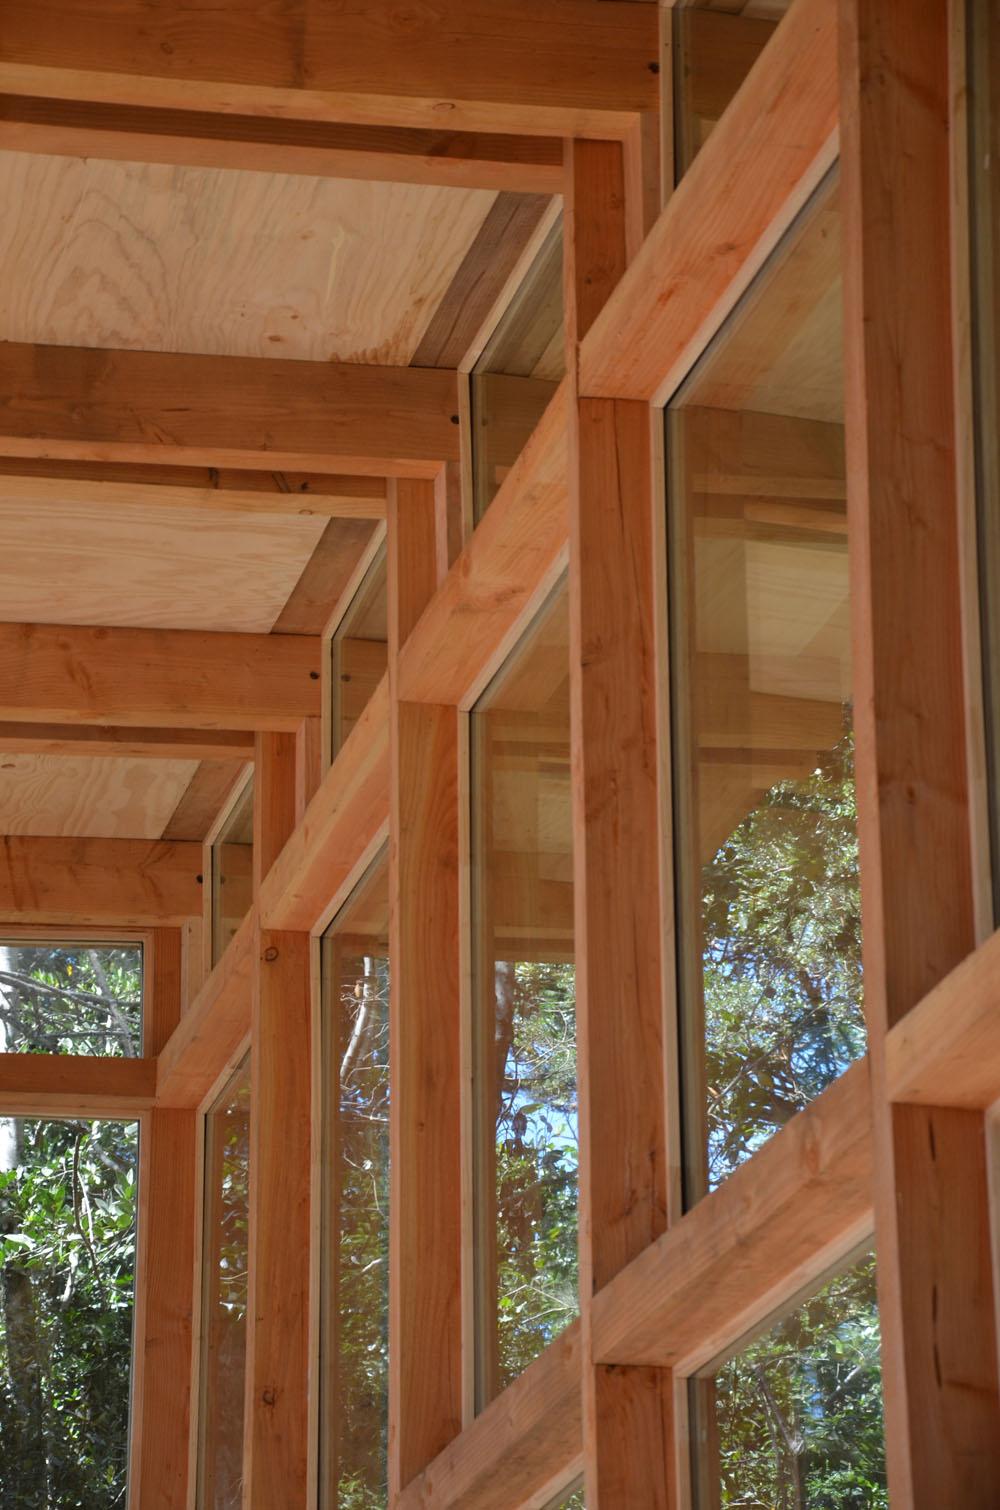 the-tree-mag_house-at-rupanco-lake-by-squella-arquitectos_20s.jpg